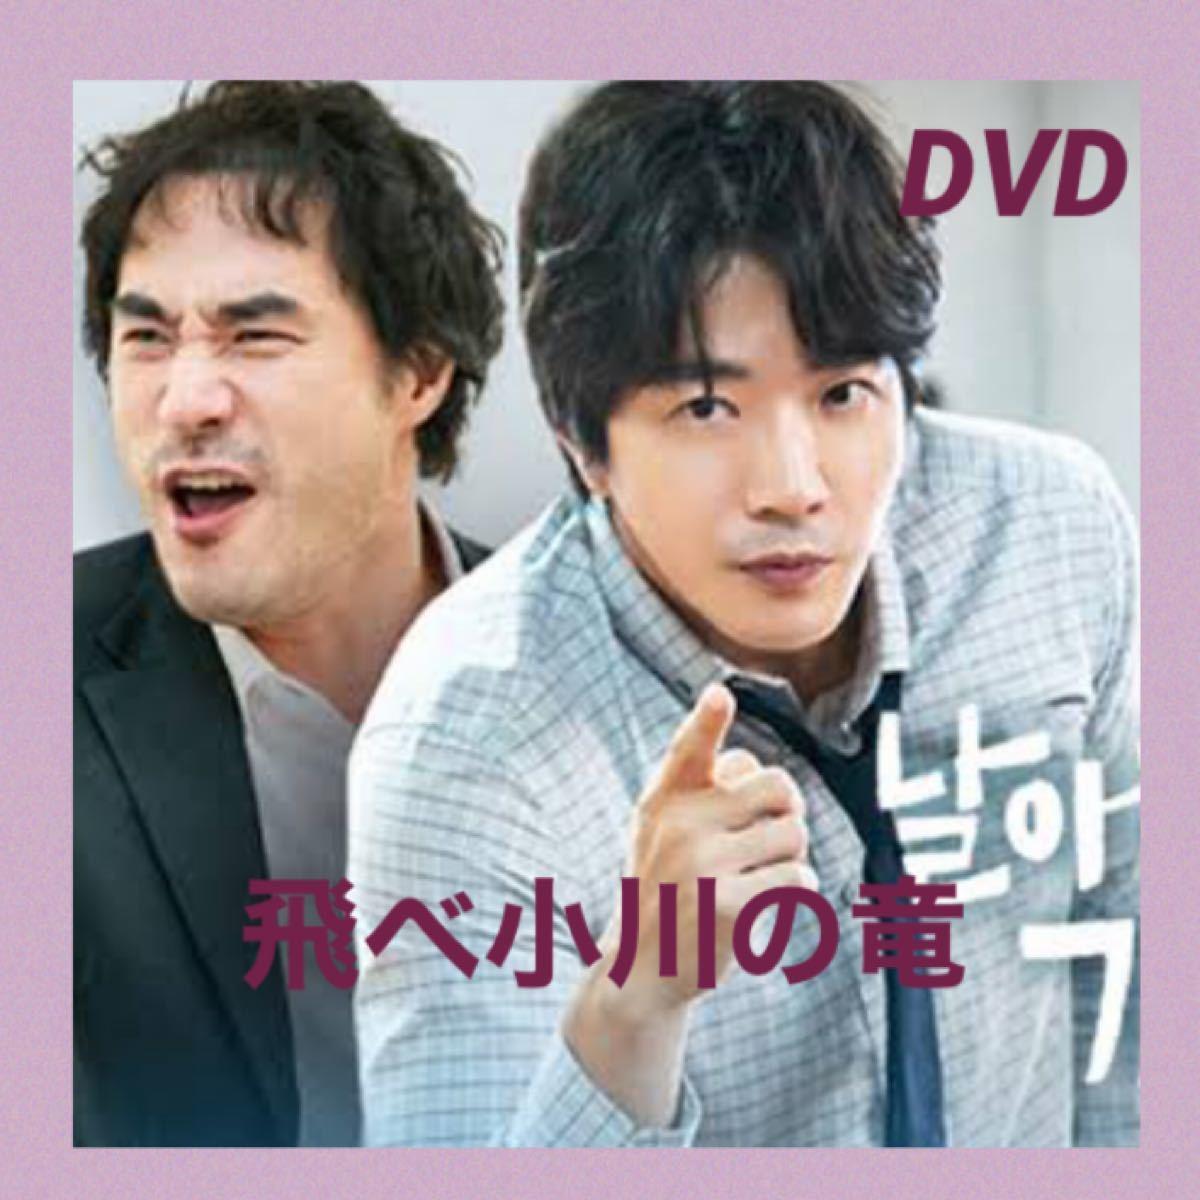 韓国ドラマ 飛べ小川の竜 DVD全話【レーベル印刷あり】